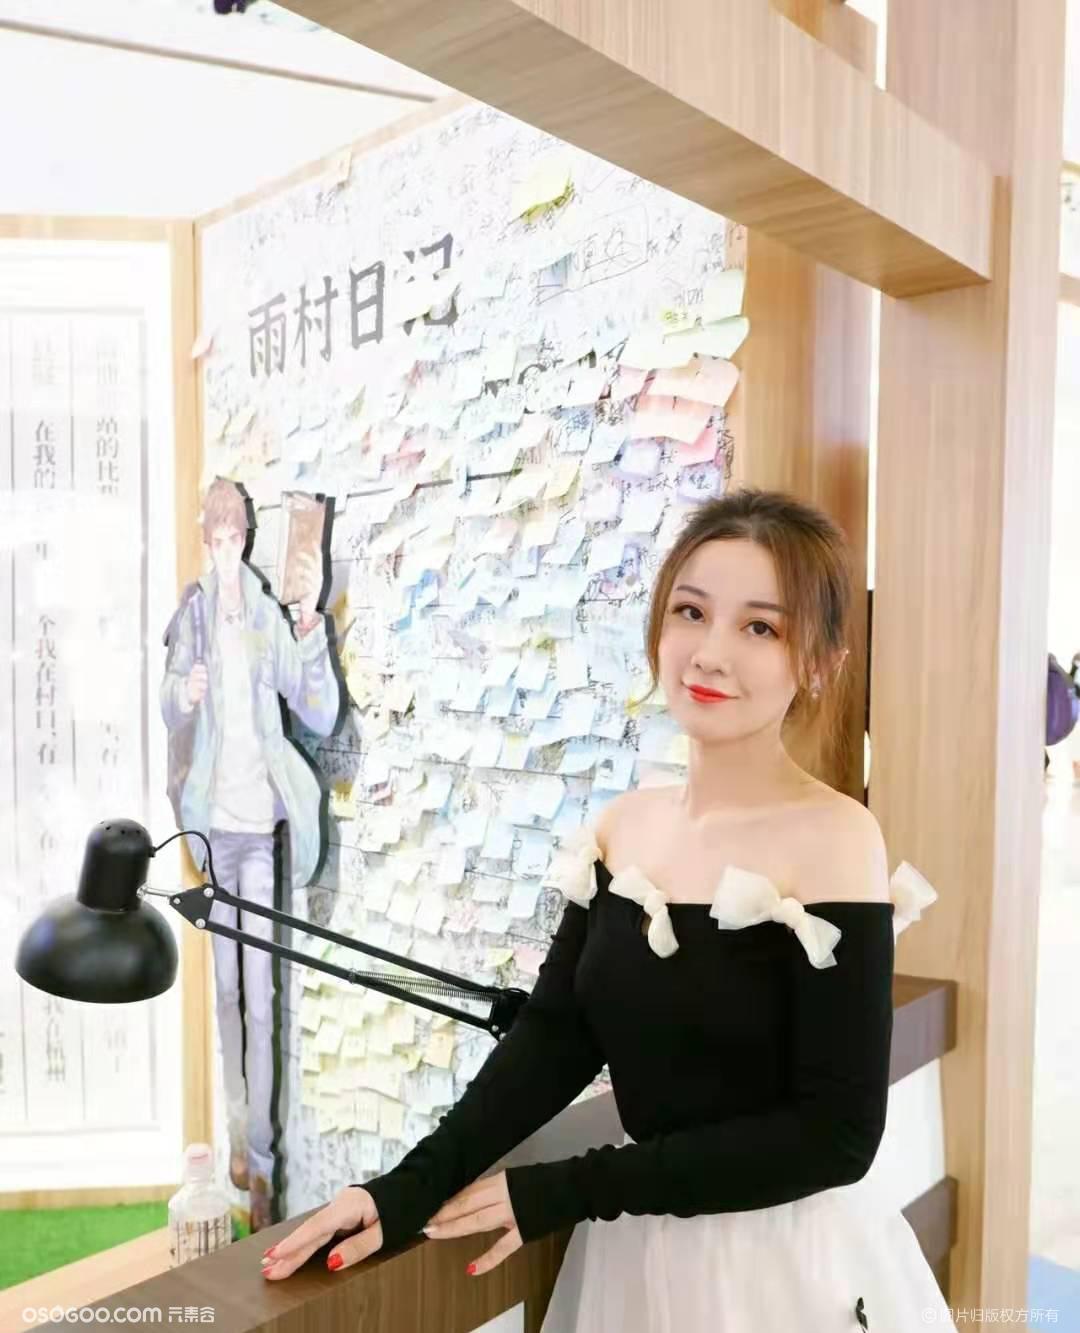 """盗墓笔记""""雨村隐事""""主题展"""